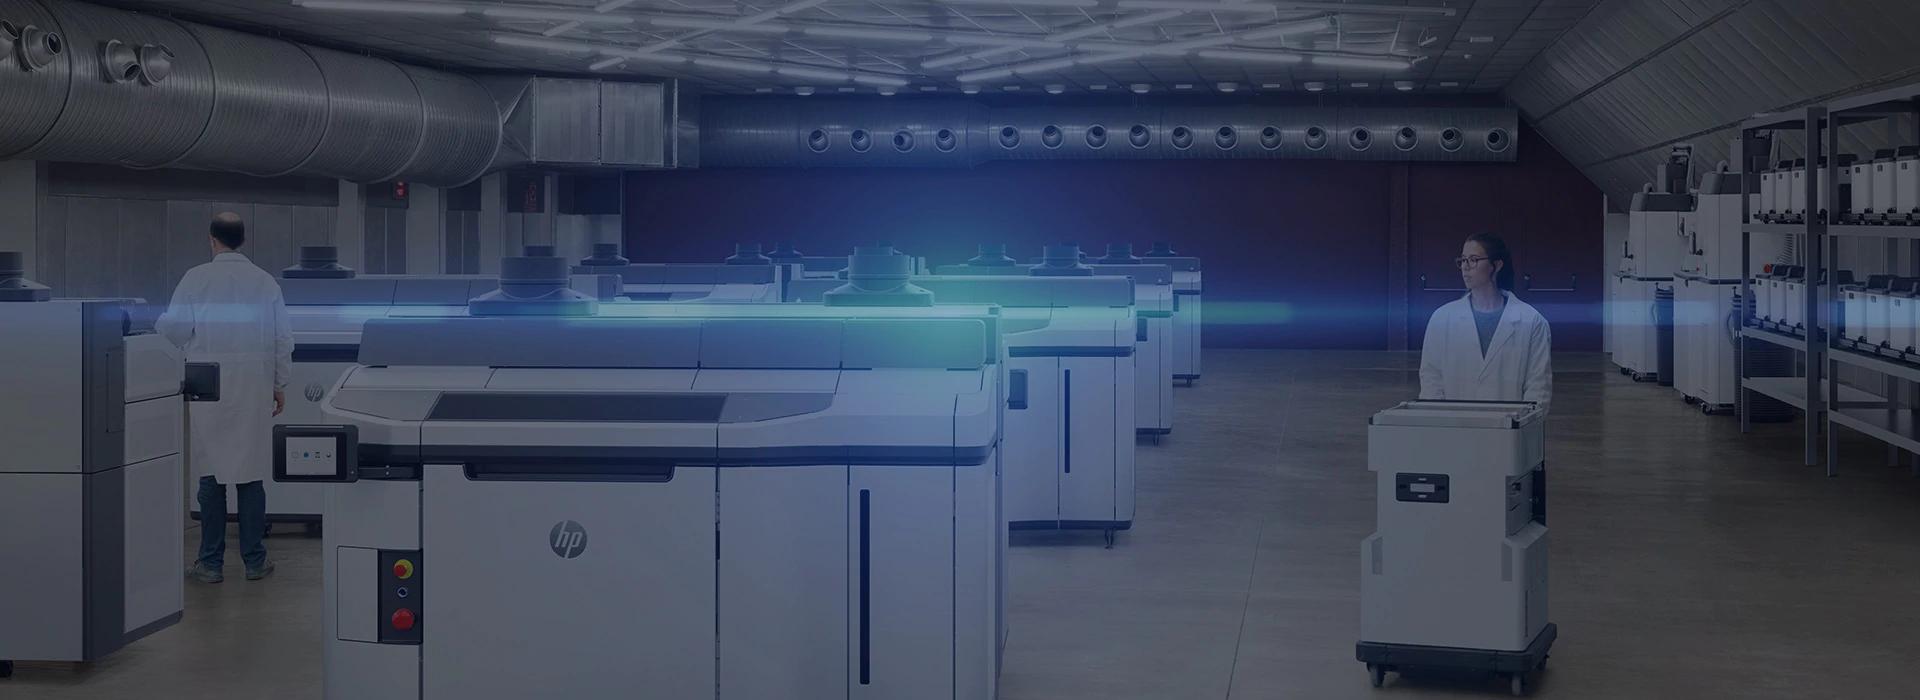 HP Inc. și rețeaua sa de parteneri oferă soluții de imprimare 3D în lupta împotriva COVID-19